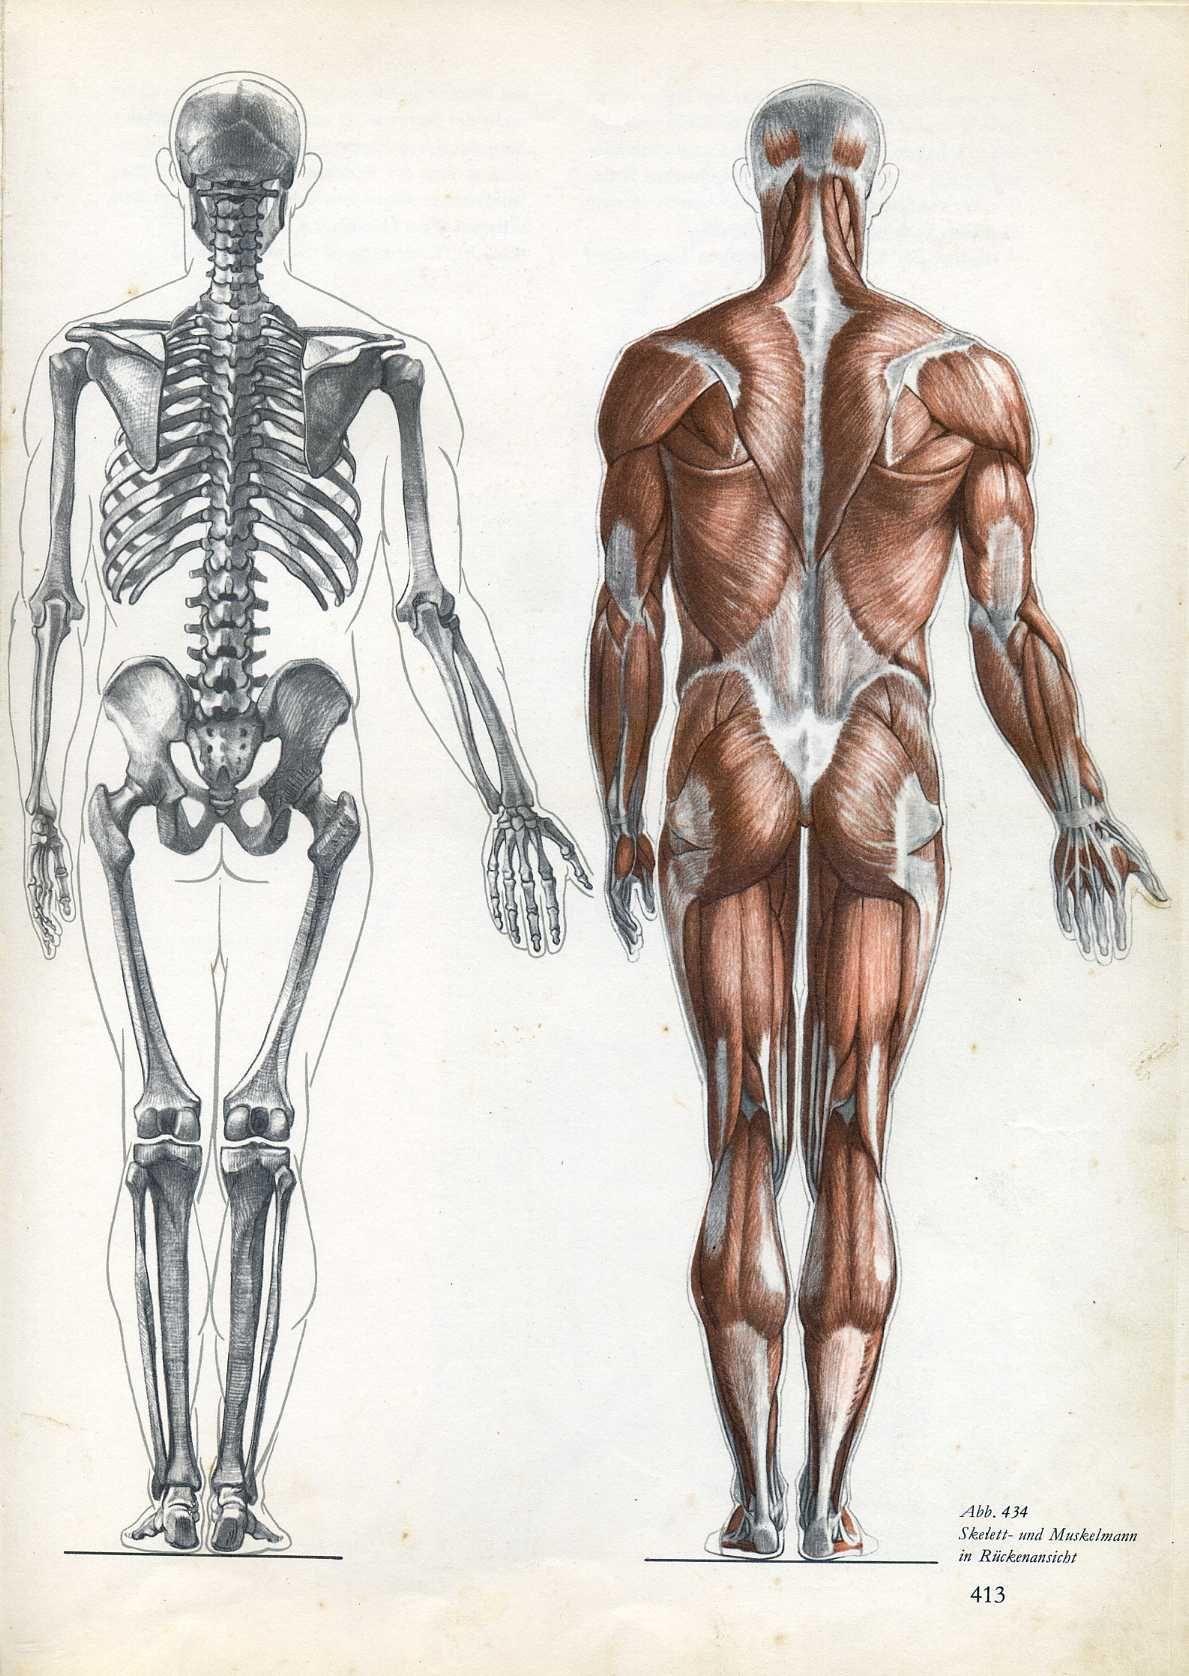 Pin von Henry Bridges auf Anatomy | Pinterest